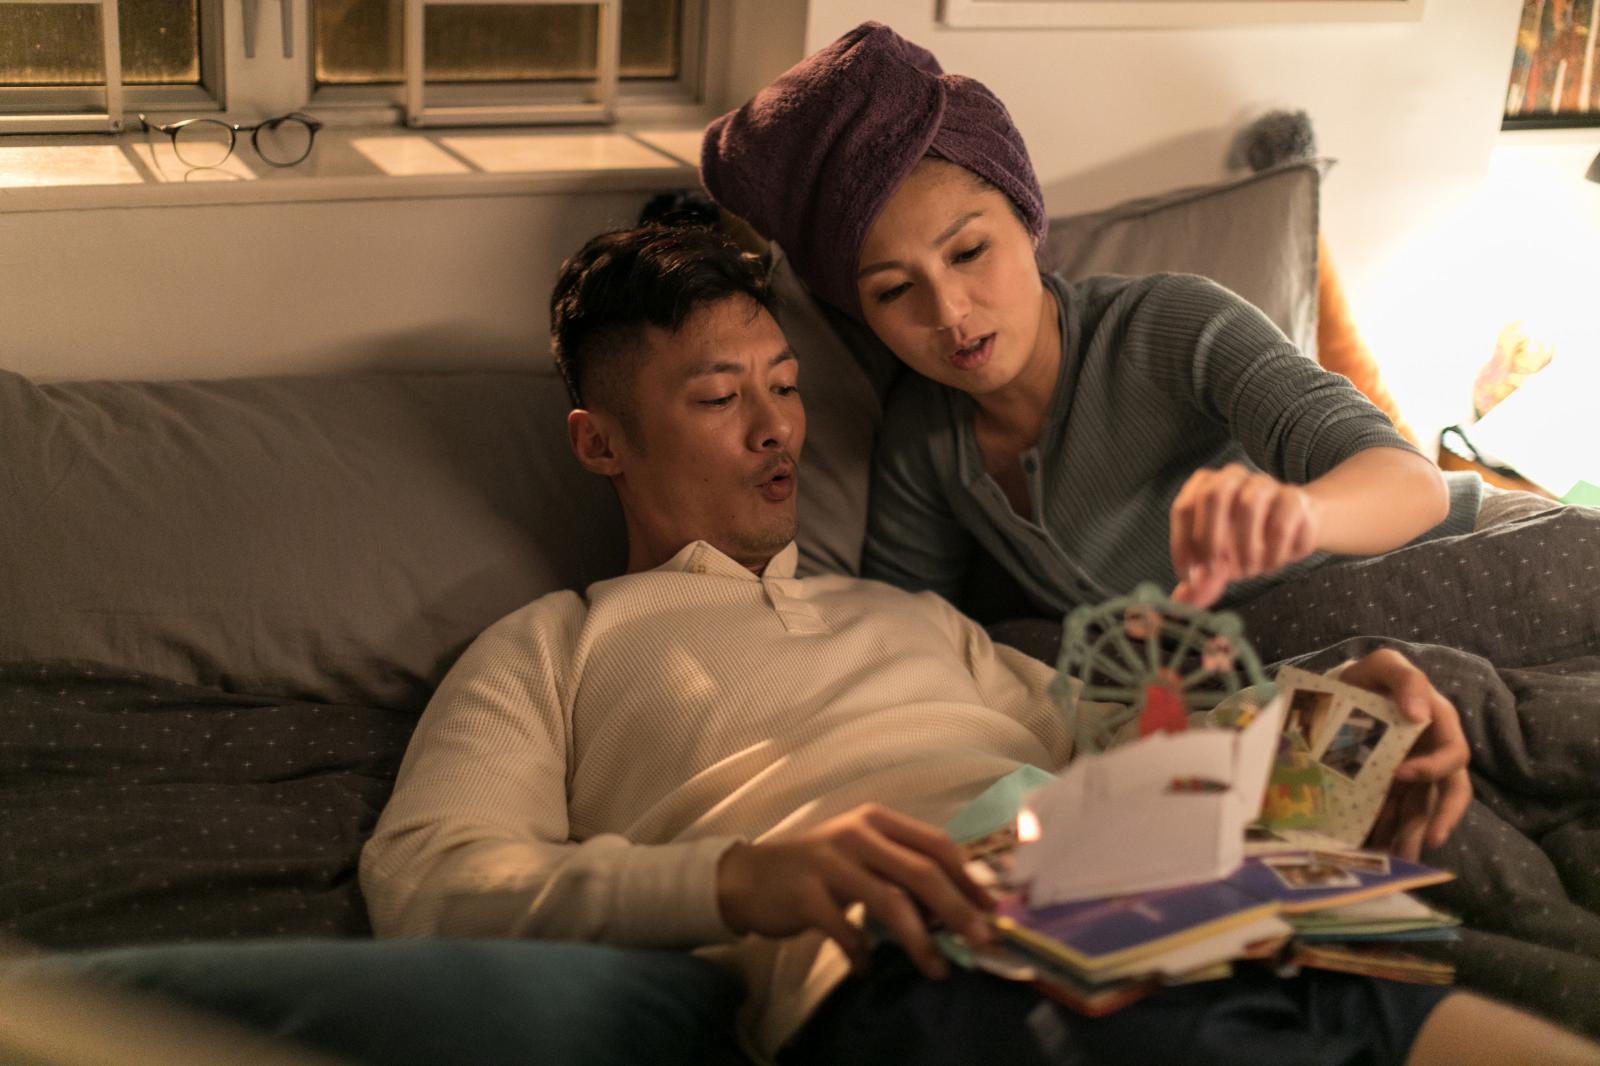 浪漫喜劇《春嬌救志明》 4月28日英國上映